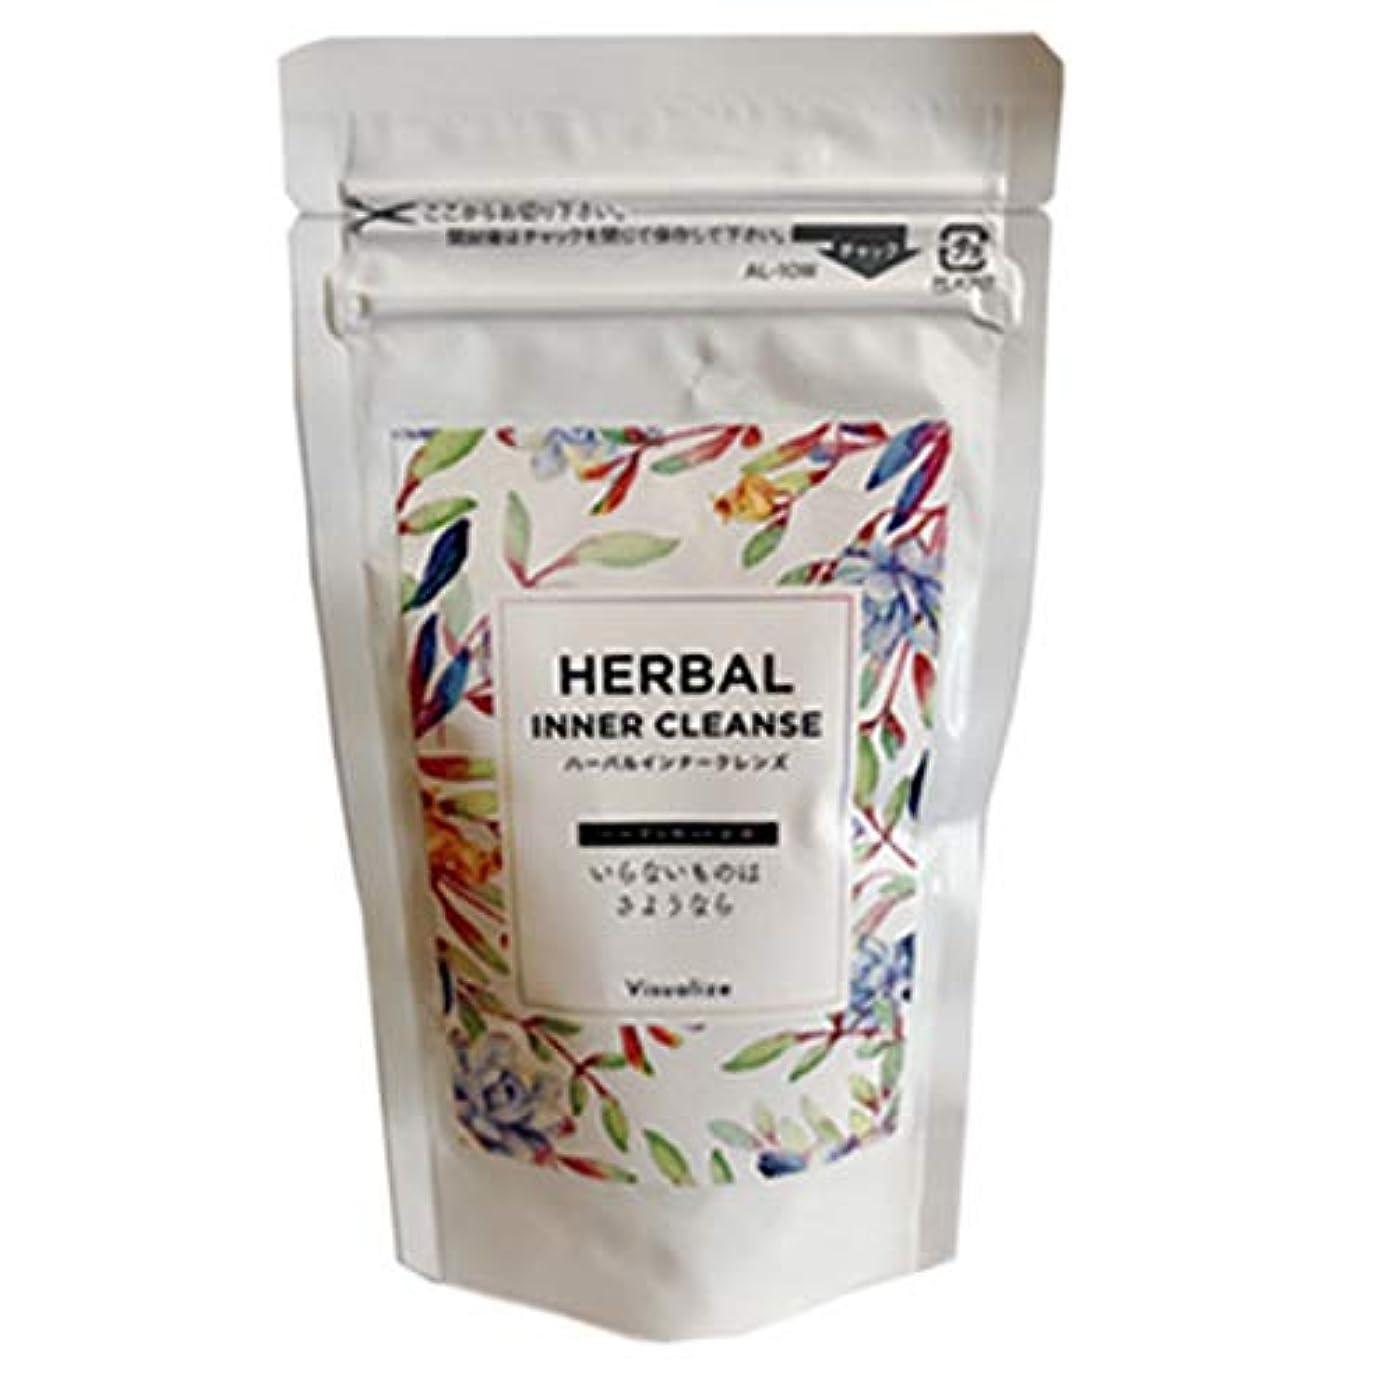 アレルギー性インターネットキッチンハーバルインナークレンズ Herbal INNER CLEANZE (150粒(tablets))2019/1/8より順次発送